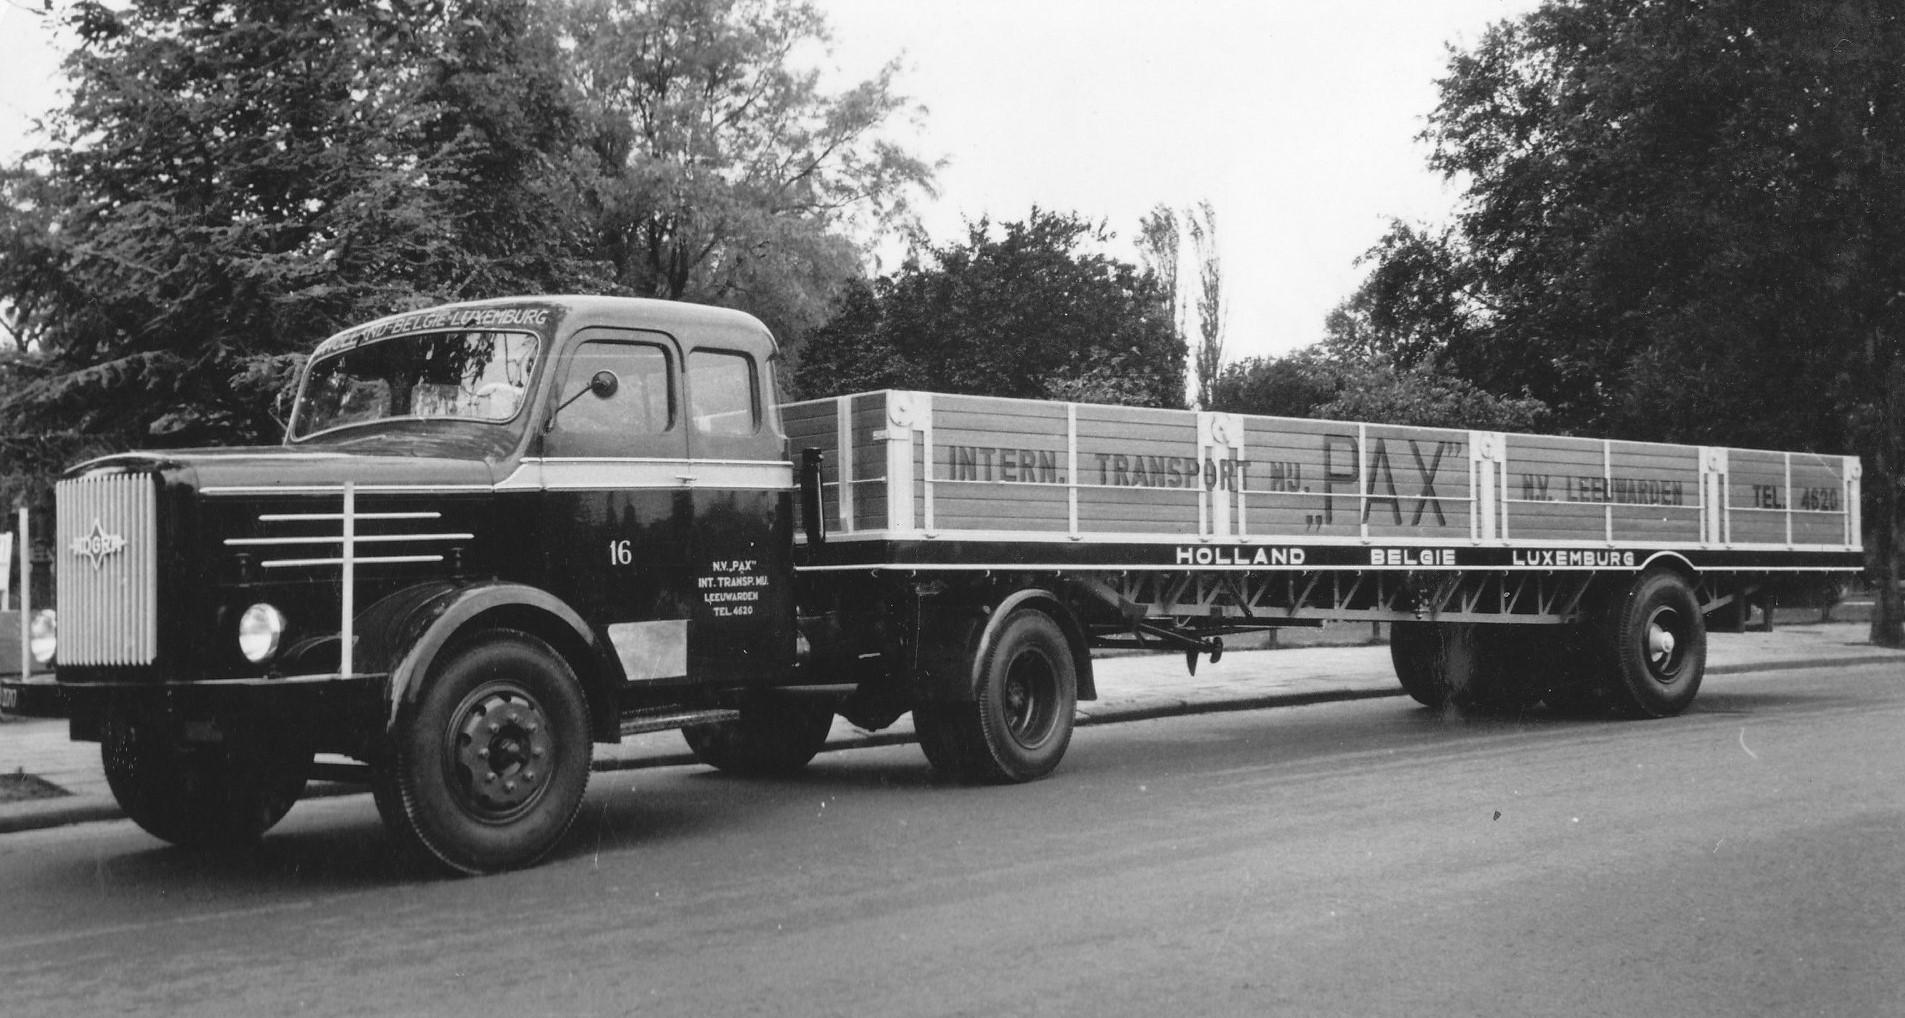 Hogra-1954-1955-samen-stelling-van-de-achternamen-van-Dhr-Hoek-en-de-finacier-Mvr-Gravelaar--2